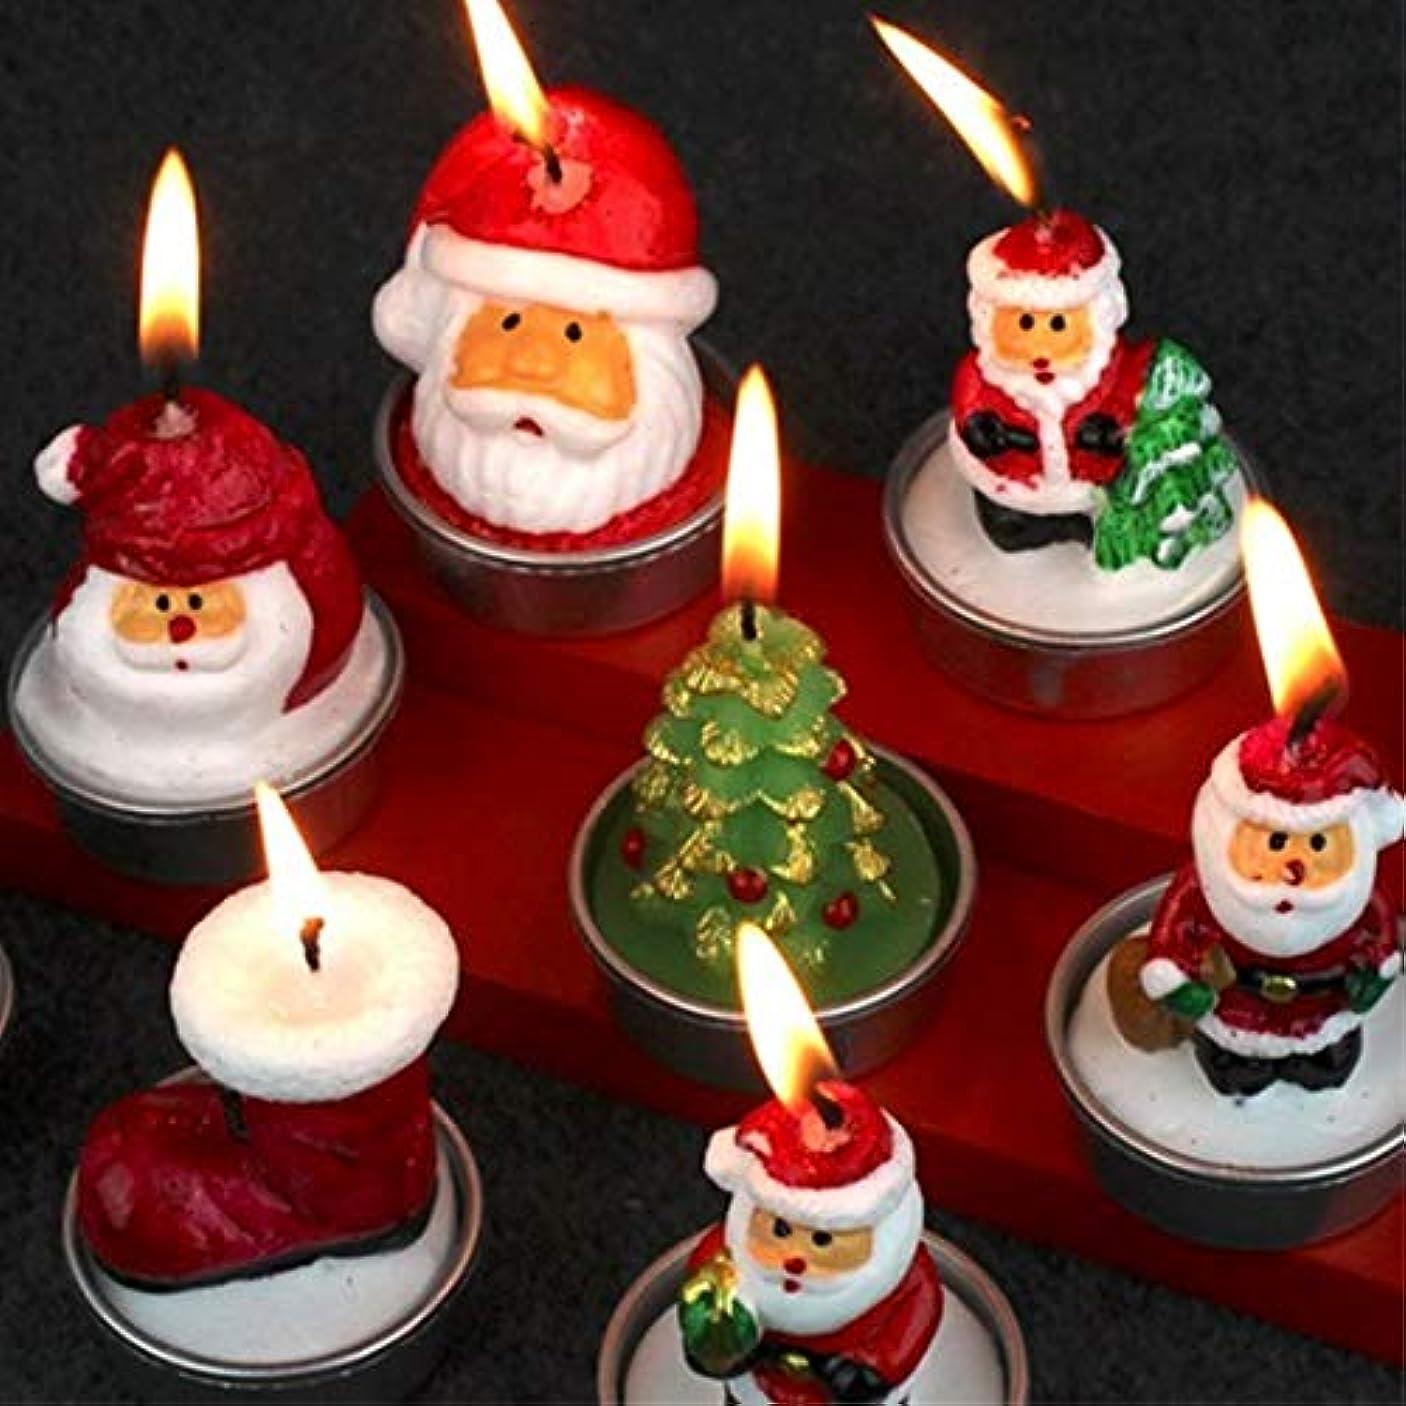 からかう二層博覧会Labos 家族の休日の装飾パーティーの装飾新年の装飾用品に使用クリスマスサンタクロースクリスマスキャンドル、ランダム配信